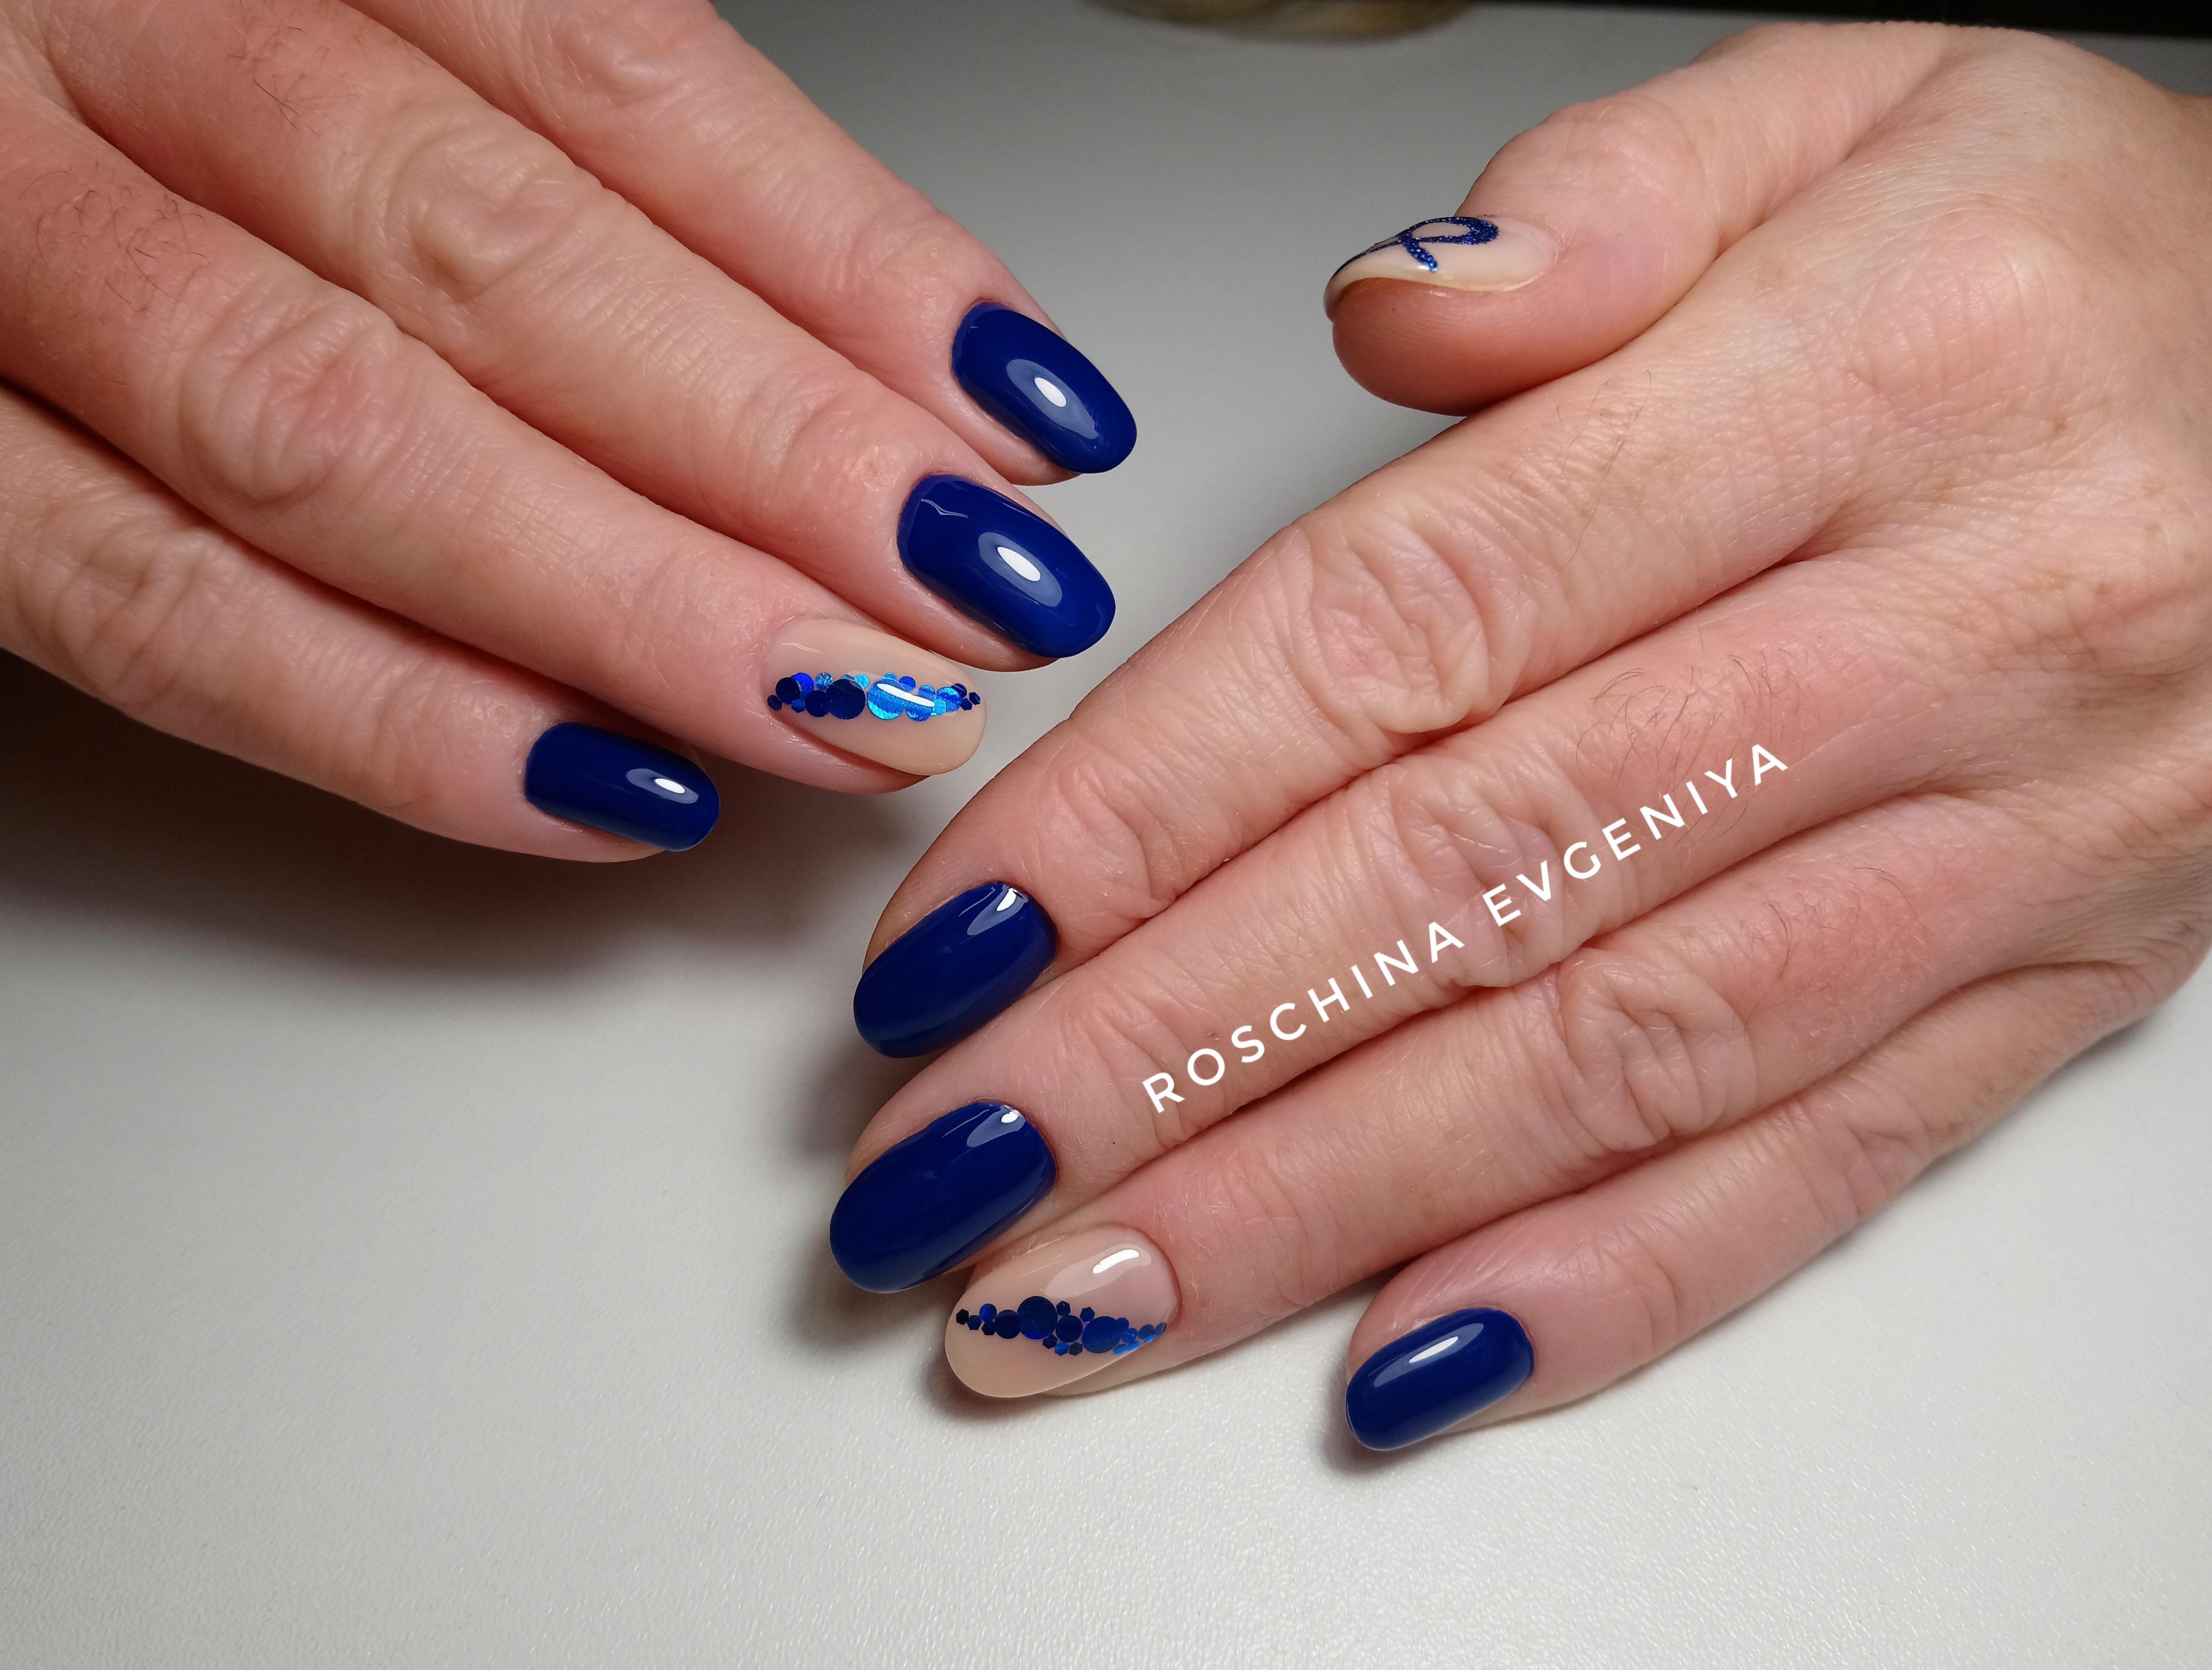 Маникюр с цветной фольгой в синем цвете.